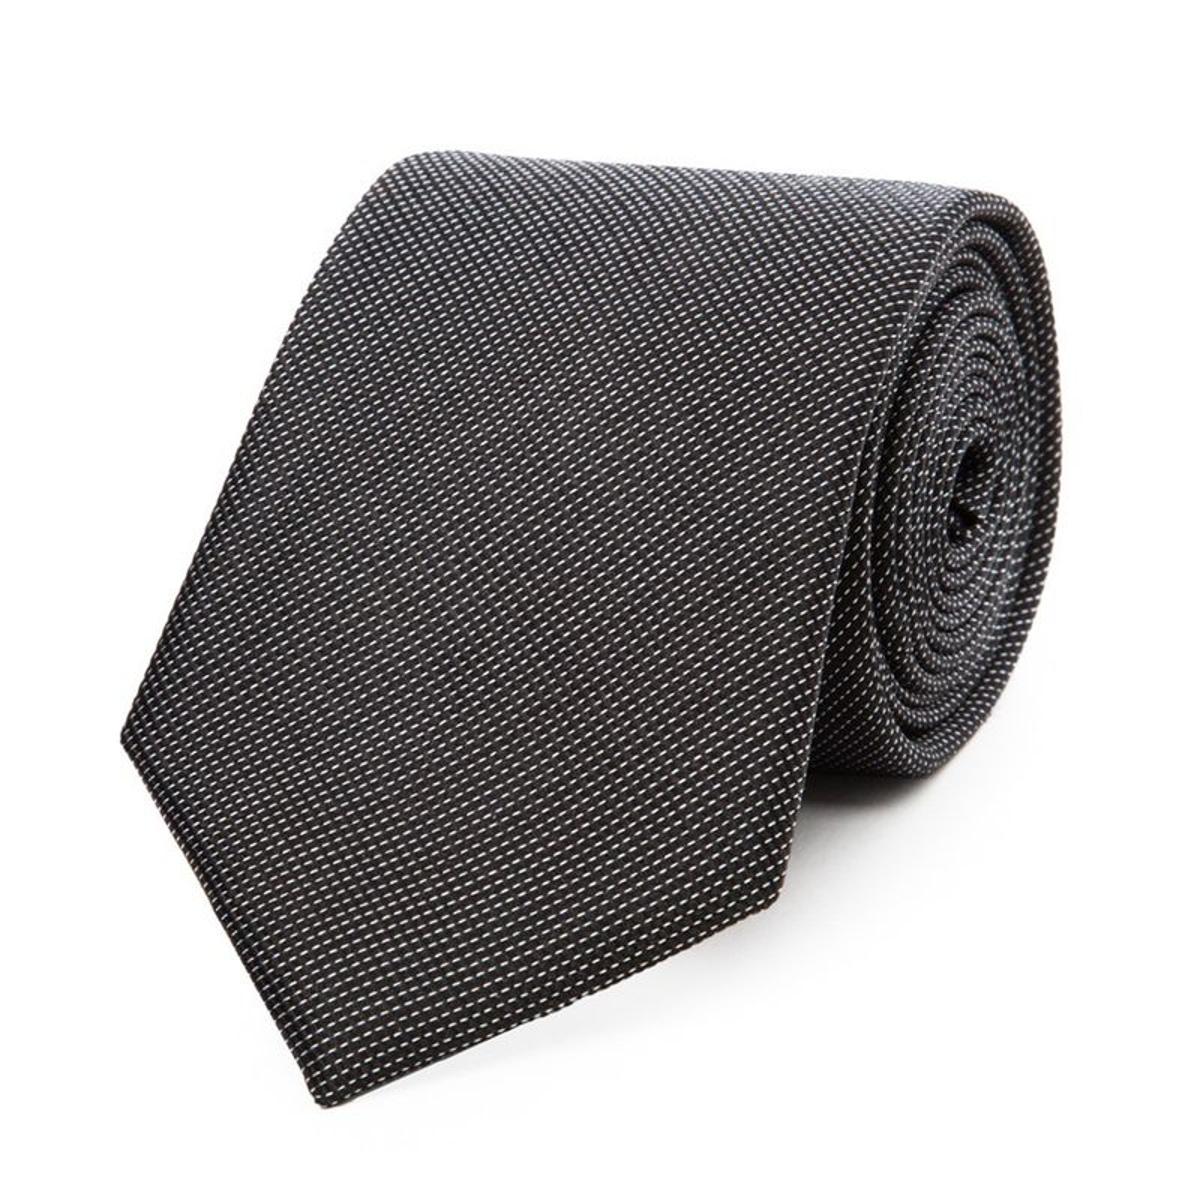 Cravate en pure soie piquée